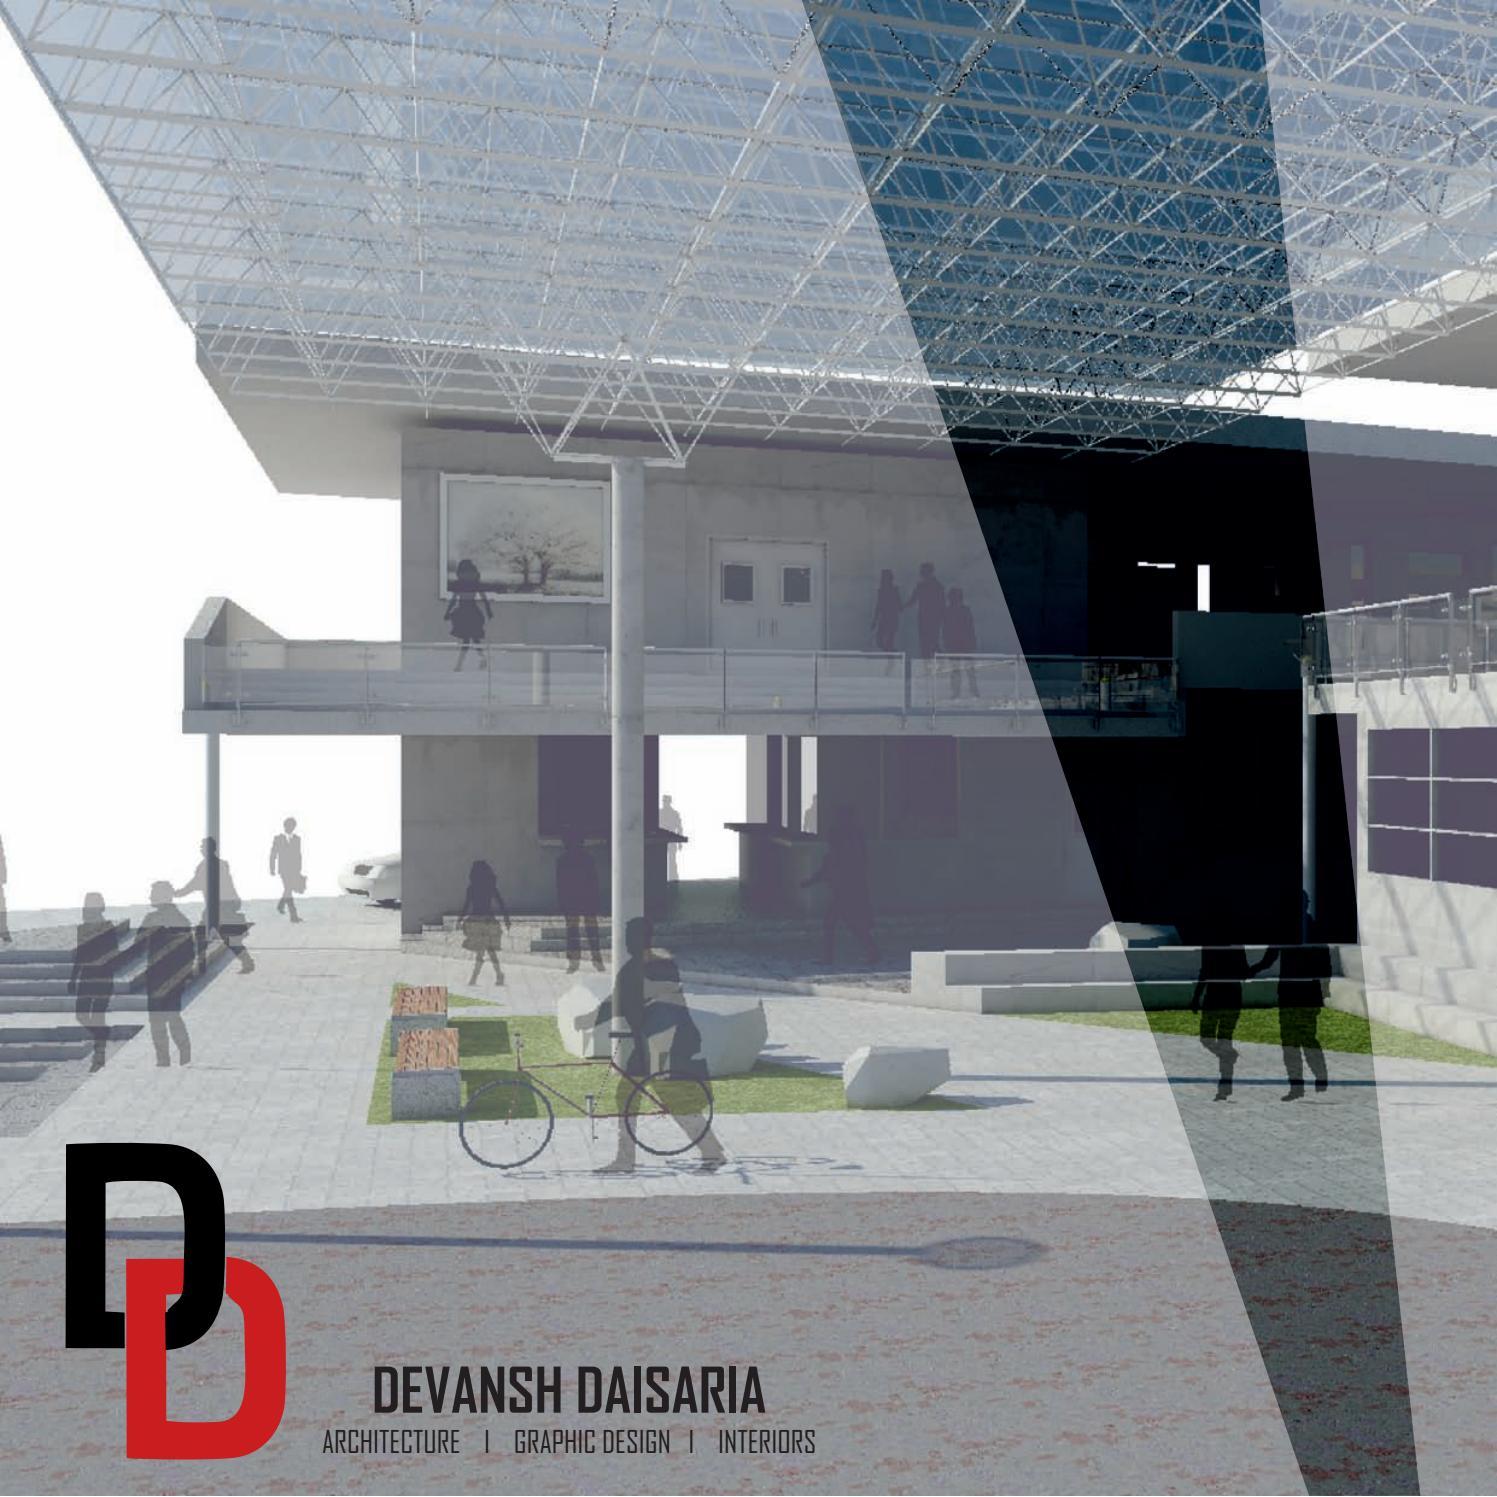 DEVANSH DAISARIAs ACADEMIC PORTFOLIO 20132016 by Devansh Daisaria